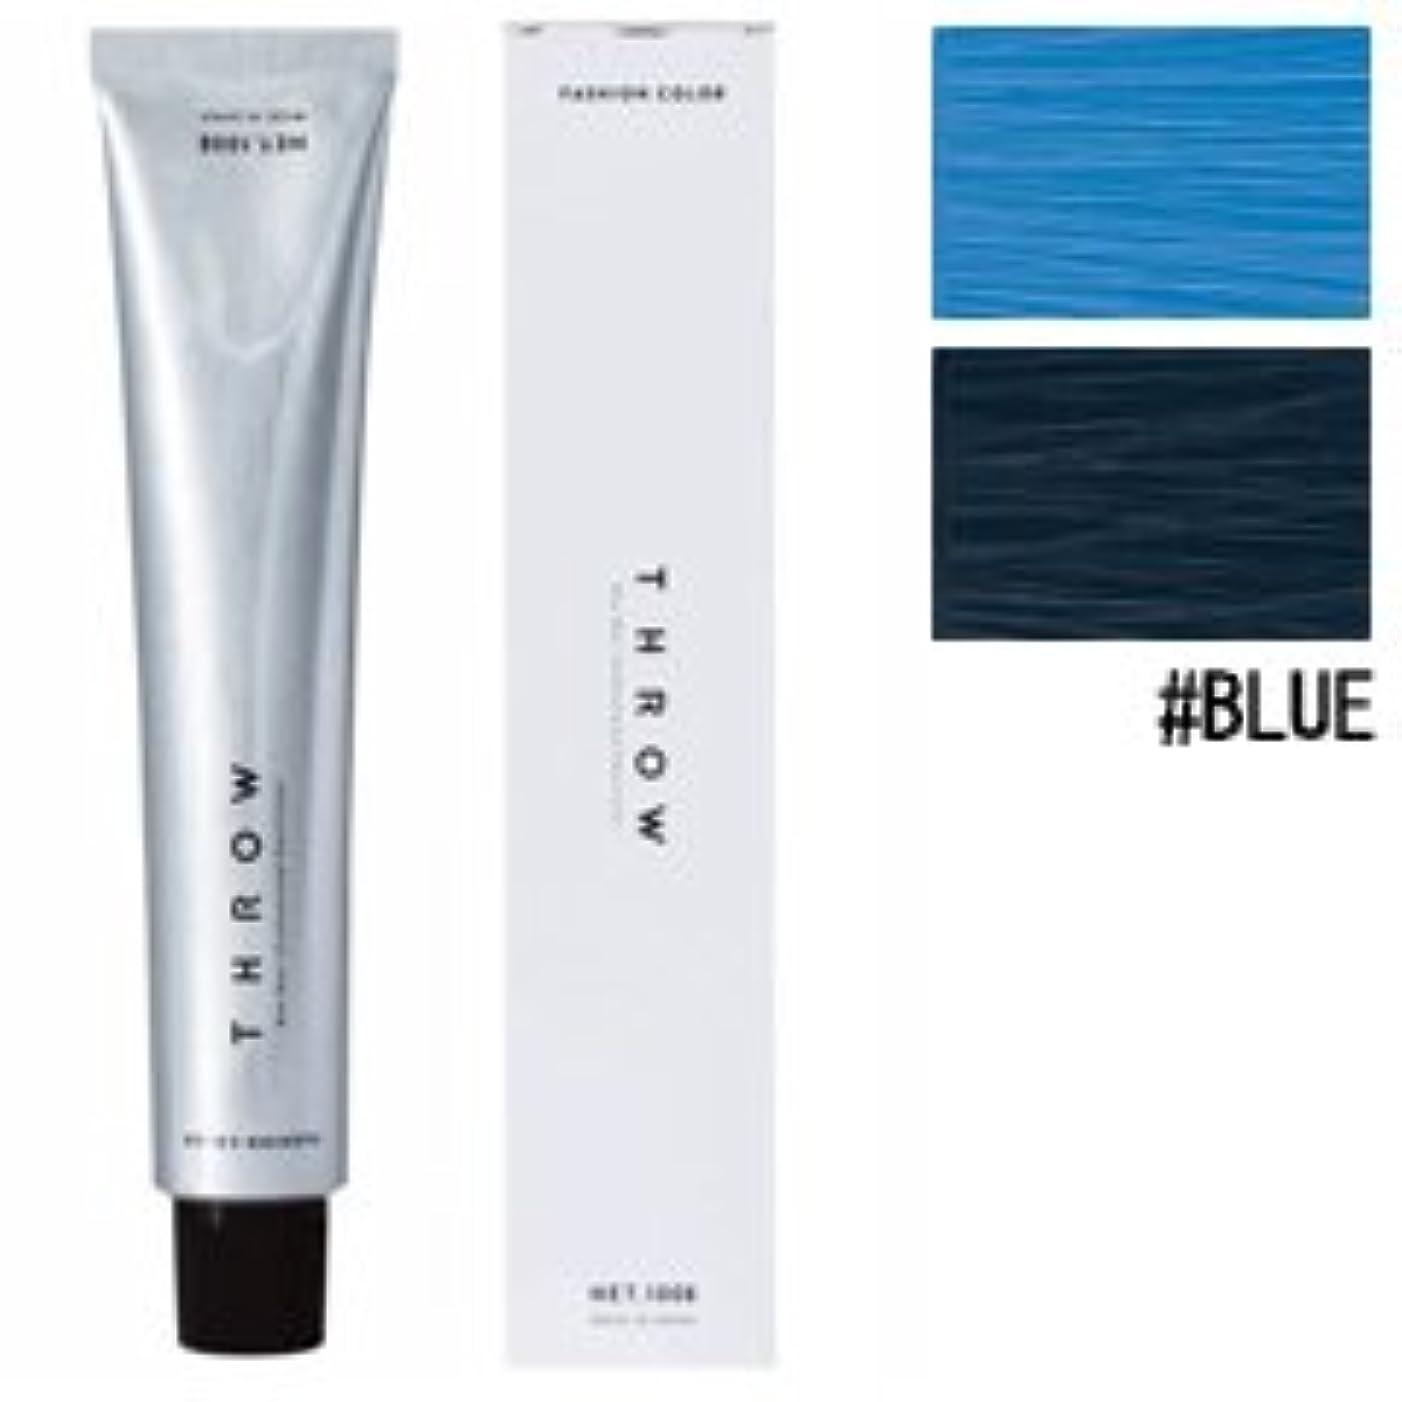 行所属日焼け【モルトベーネ】スロウ ファッションカラー #BLUE 100g